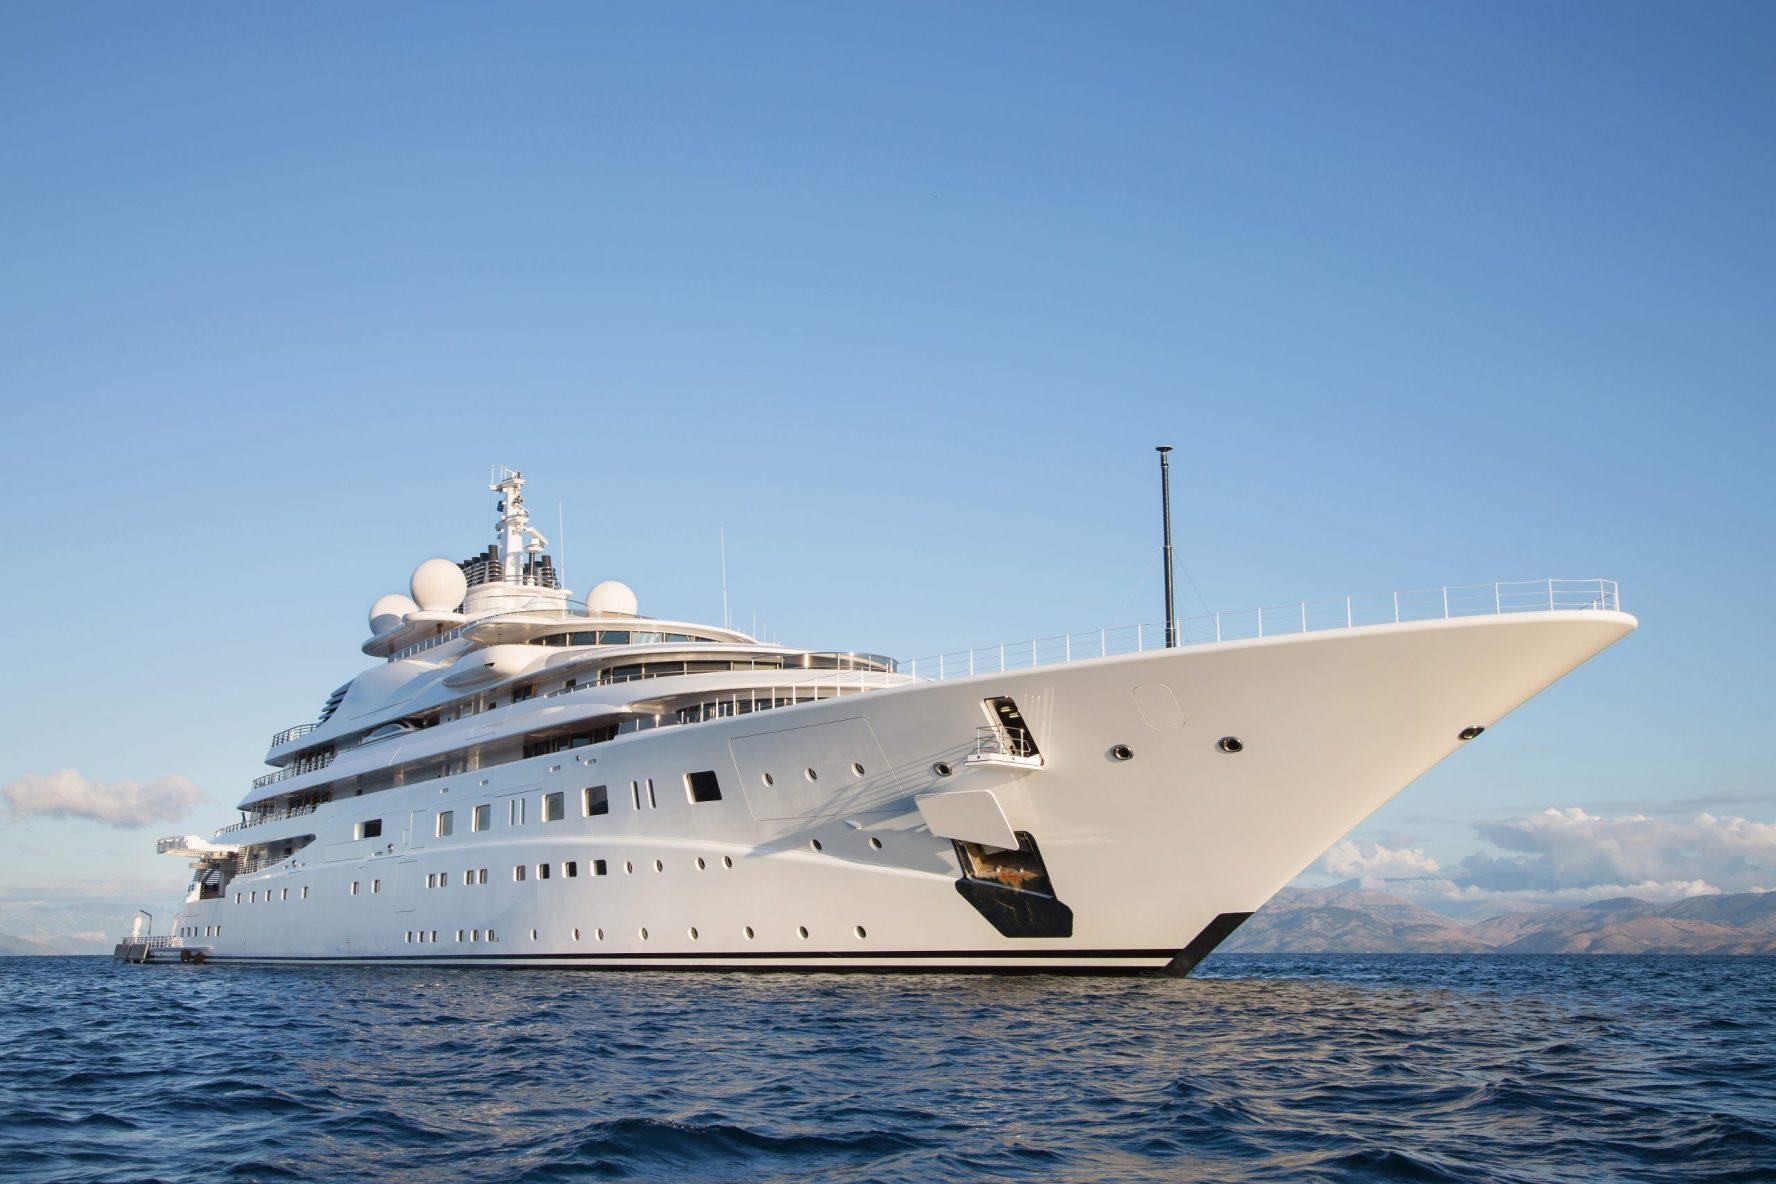 Luxus Mega Yacht - immens großes und langes Schiff